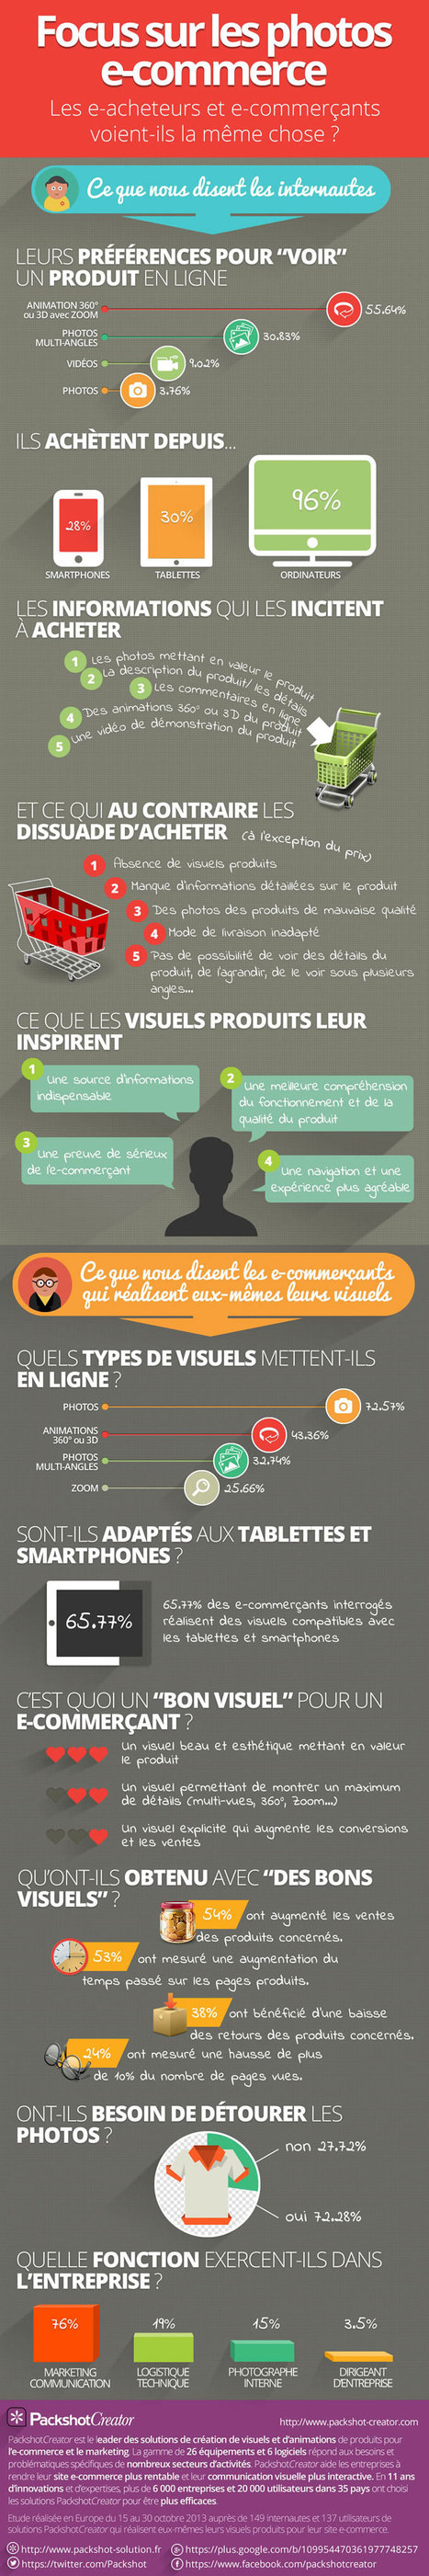 Infographie : l'importance des visuels pour le E-commerce | E-commerce | Scoop.it